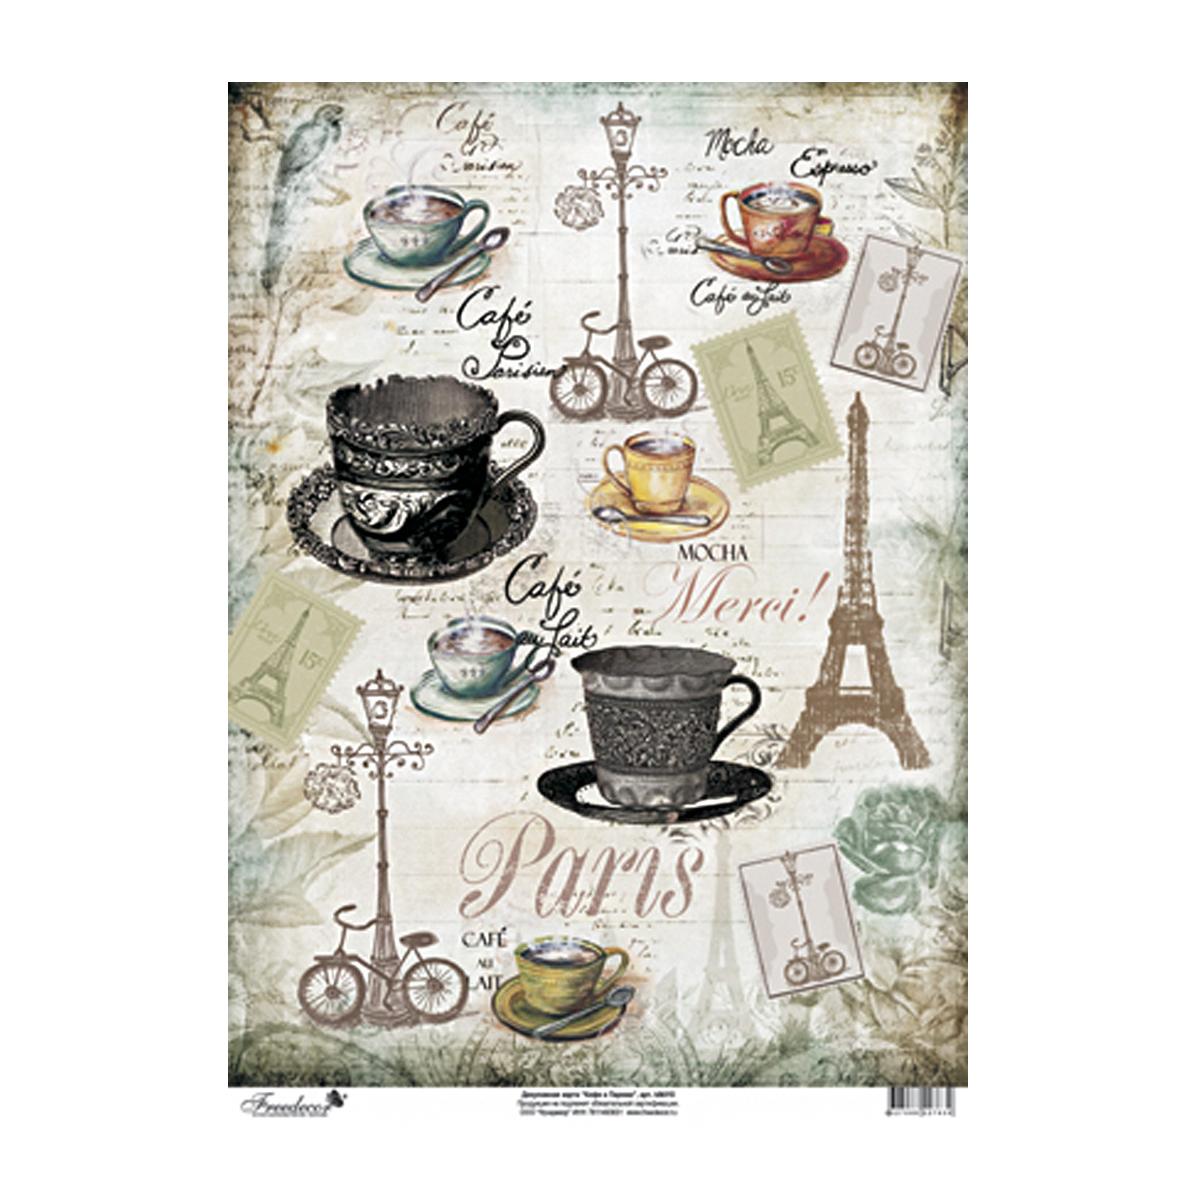 Декупажная карта Freedecor Кофе в Париже, А3, 40 гр./м.кв. Dk 010697596_010КофевПарижеДекупажные карты Фридекор отличаются оригинальными, стильными дизайнами и прекрасным качеством. Печать декупажных карт происходит на бумаге плотностью 80 гр/м2.